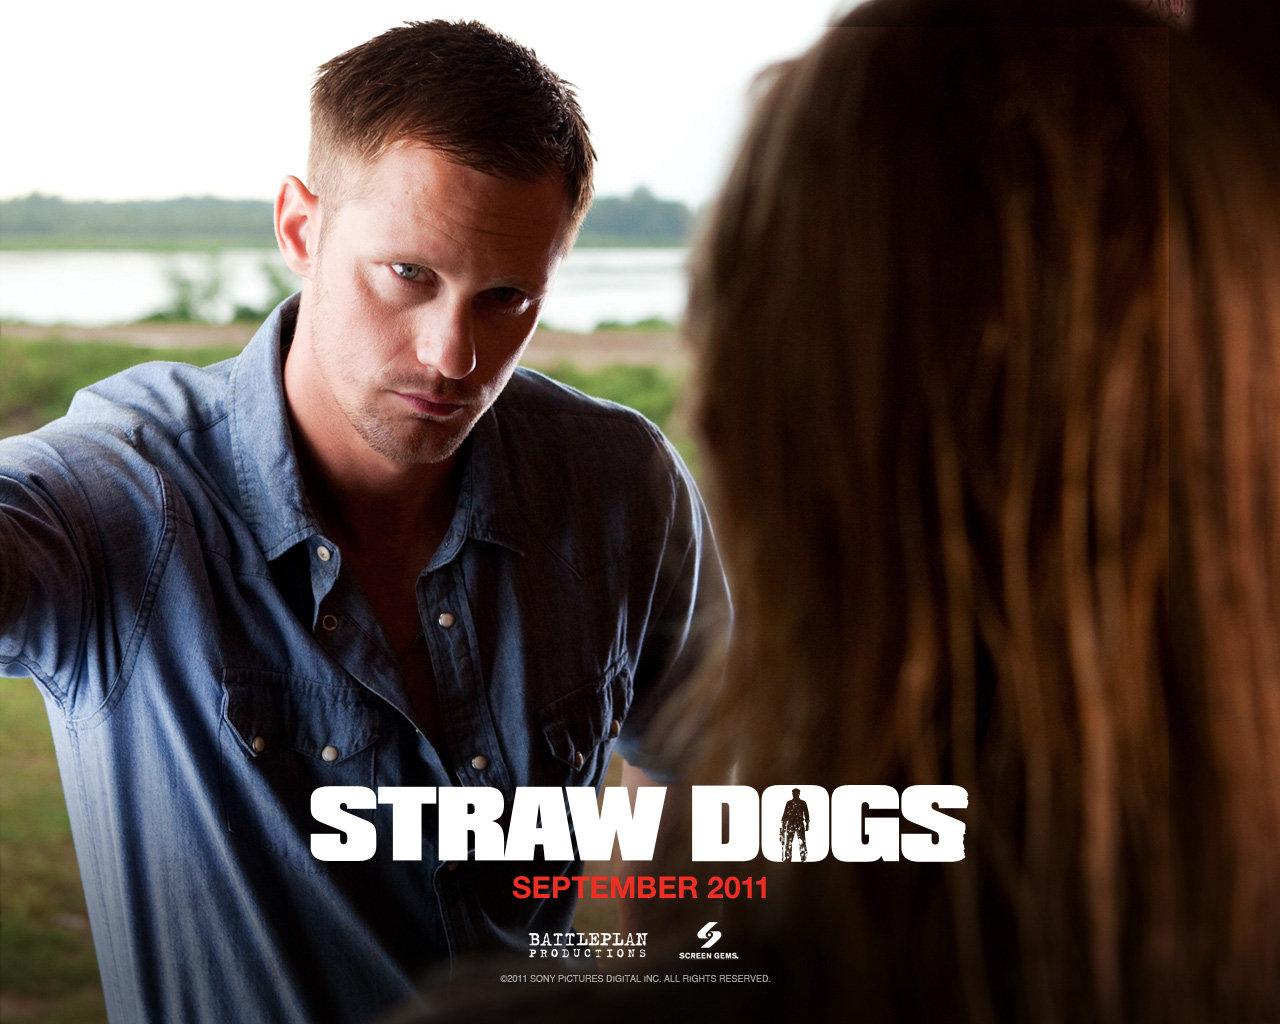 http://1.bp.blogspot.com/-VoqwXwRLqCI/Tw-rvjK2xDI/AAAAAAAAEfU/oXMFjvzTe8E/s1600/Straw-Dogs-Wallpaper-03.jpg